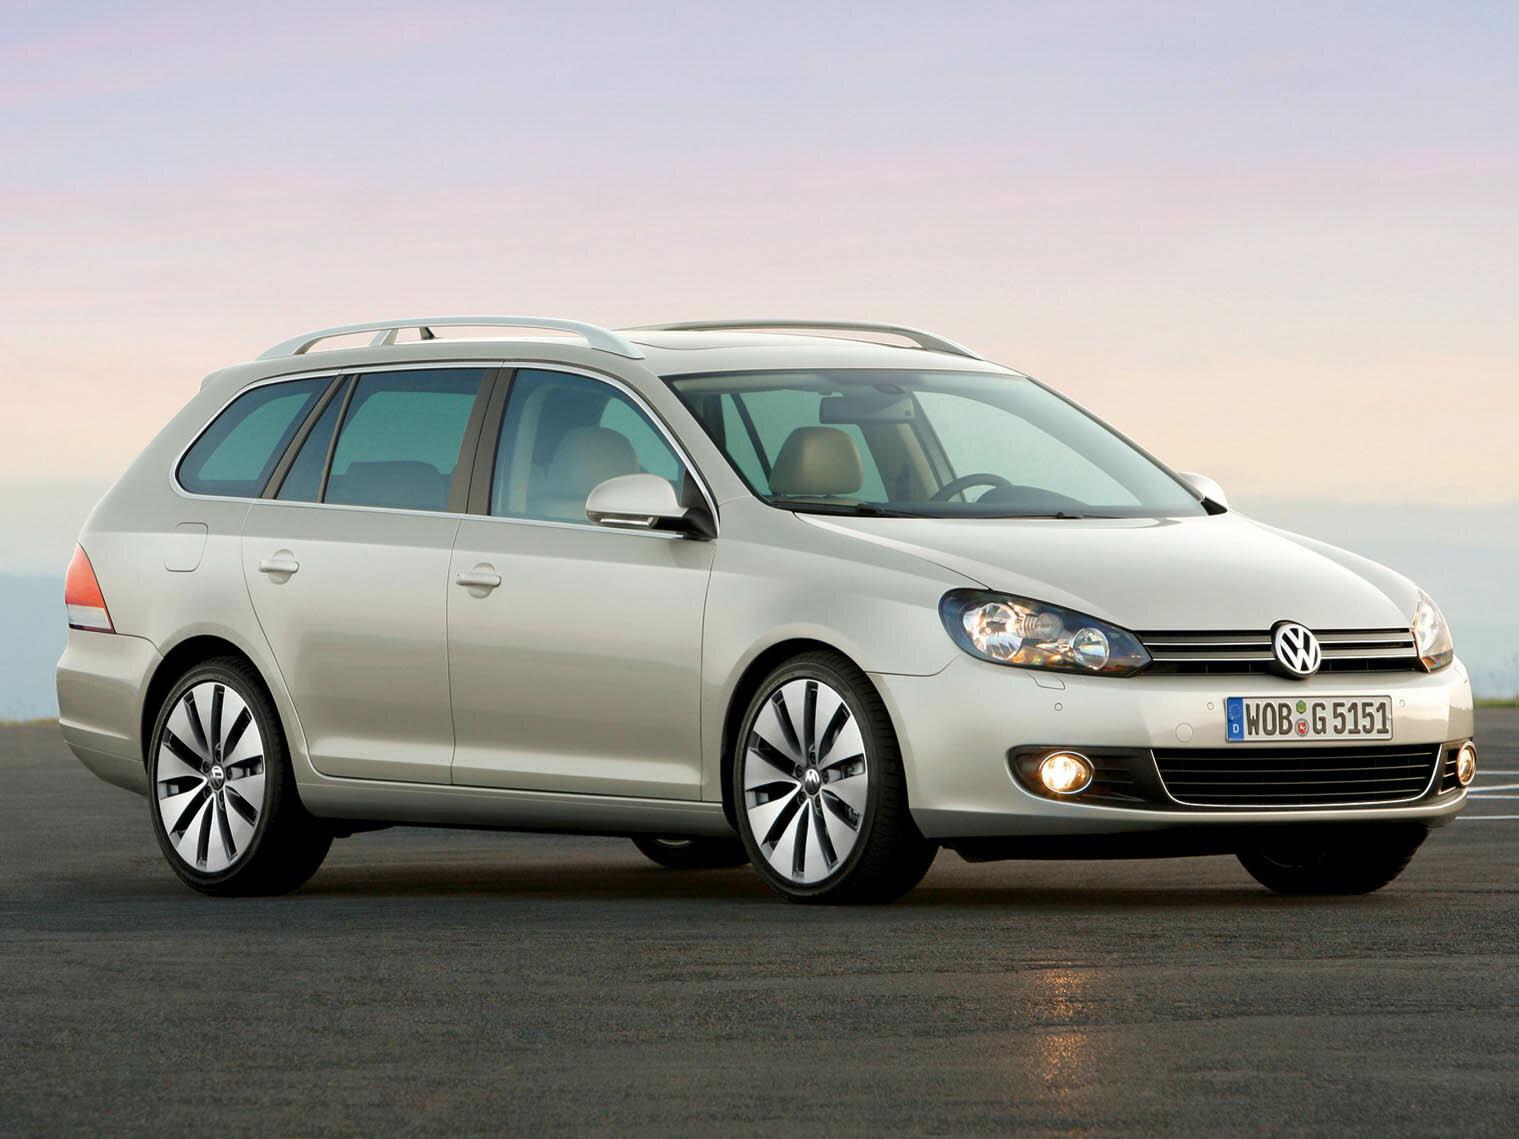 Volkswagen golf VI Variant